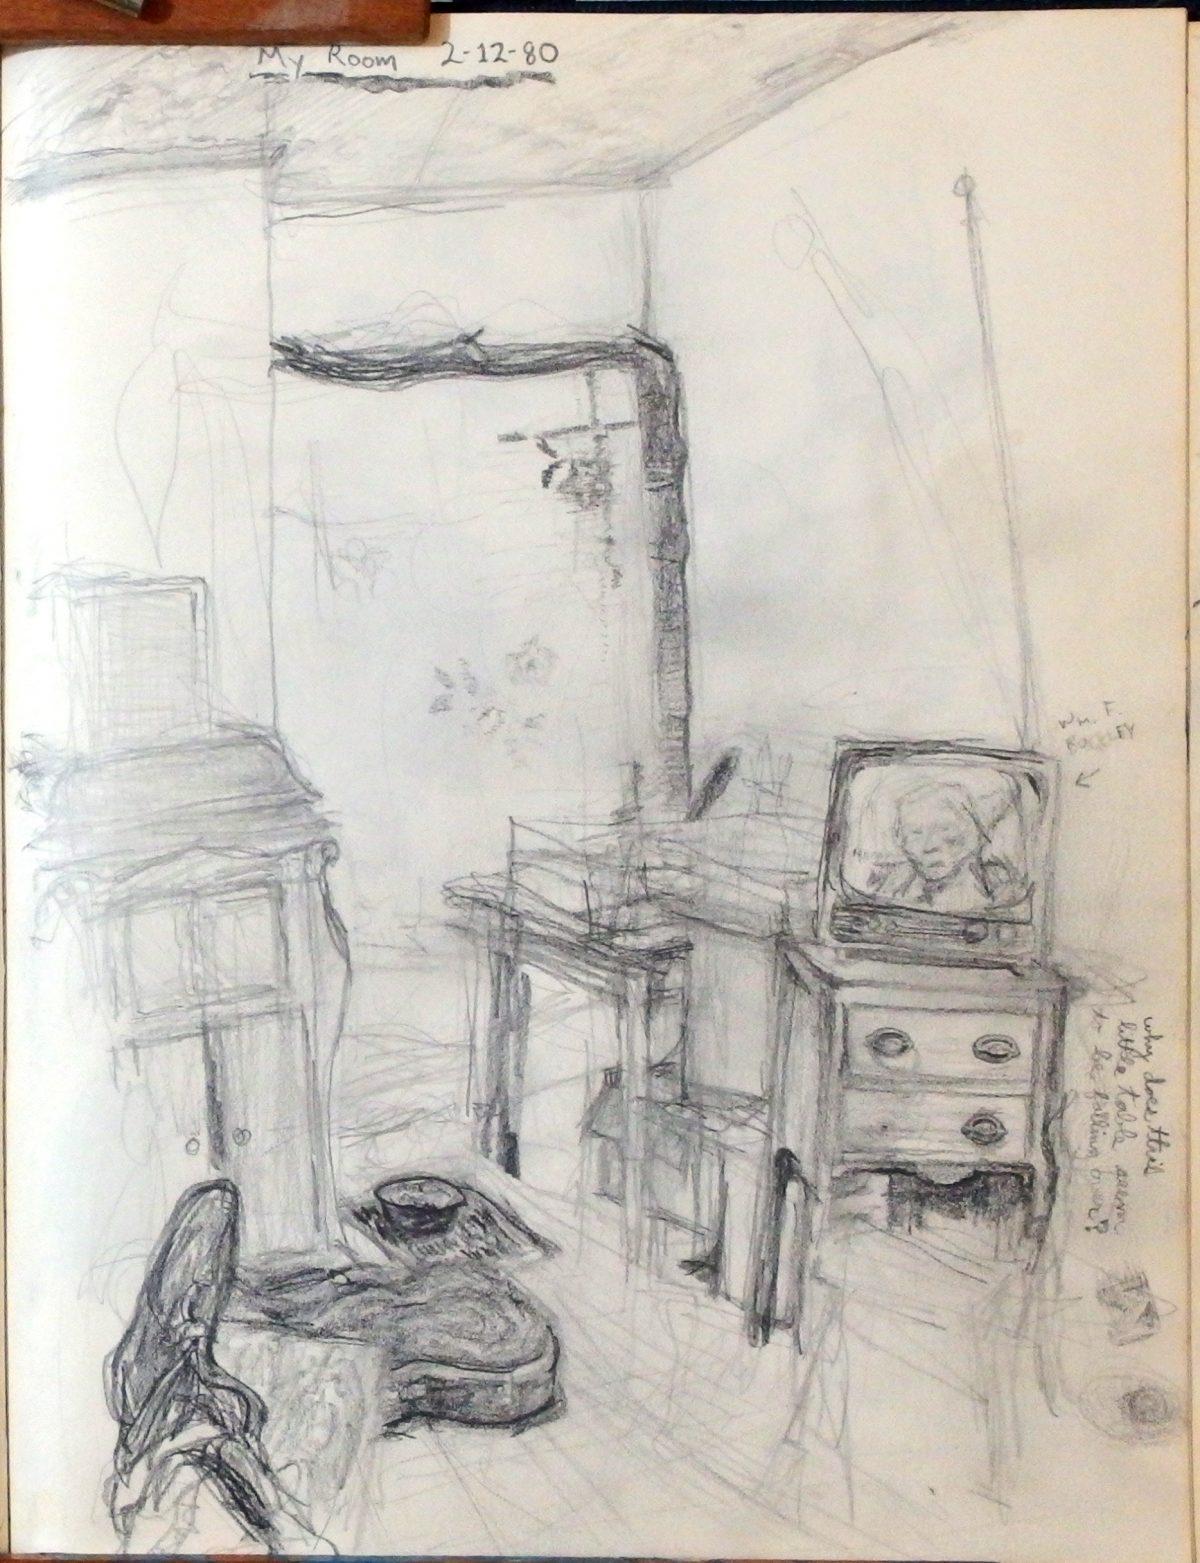 Sketchbook Vol. 1 Part 2 Chapter 13